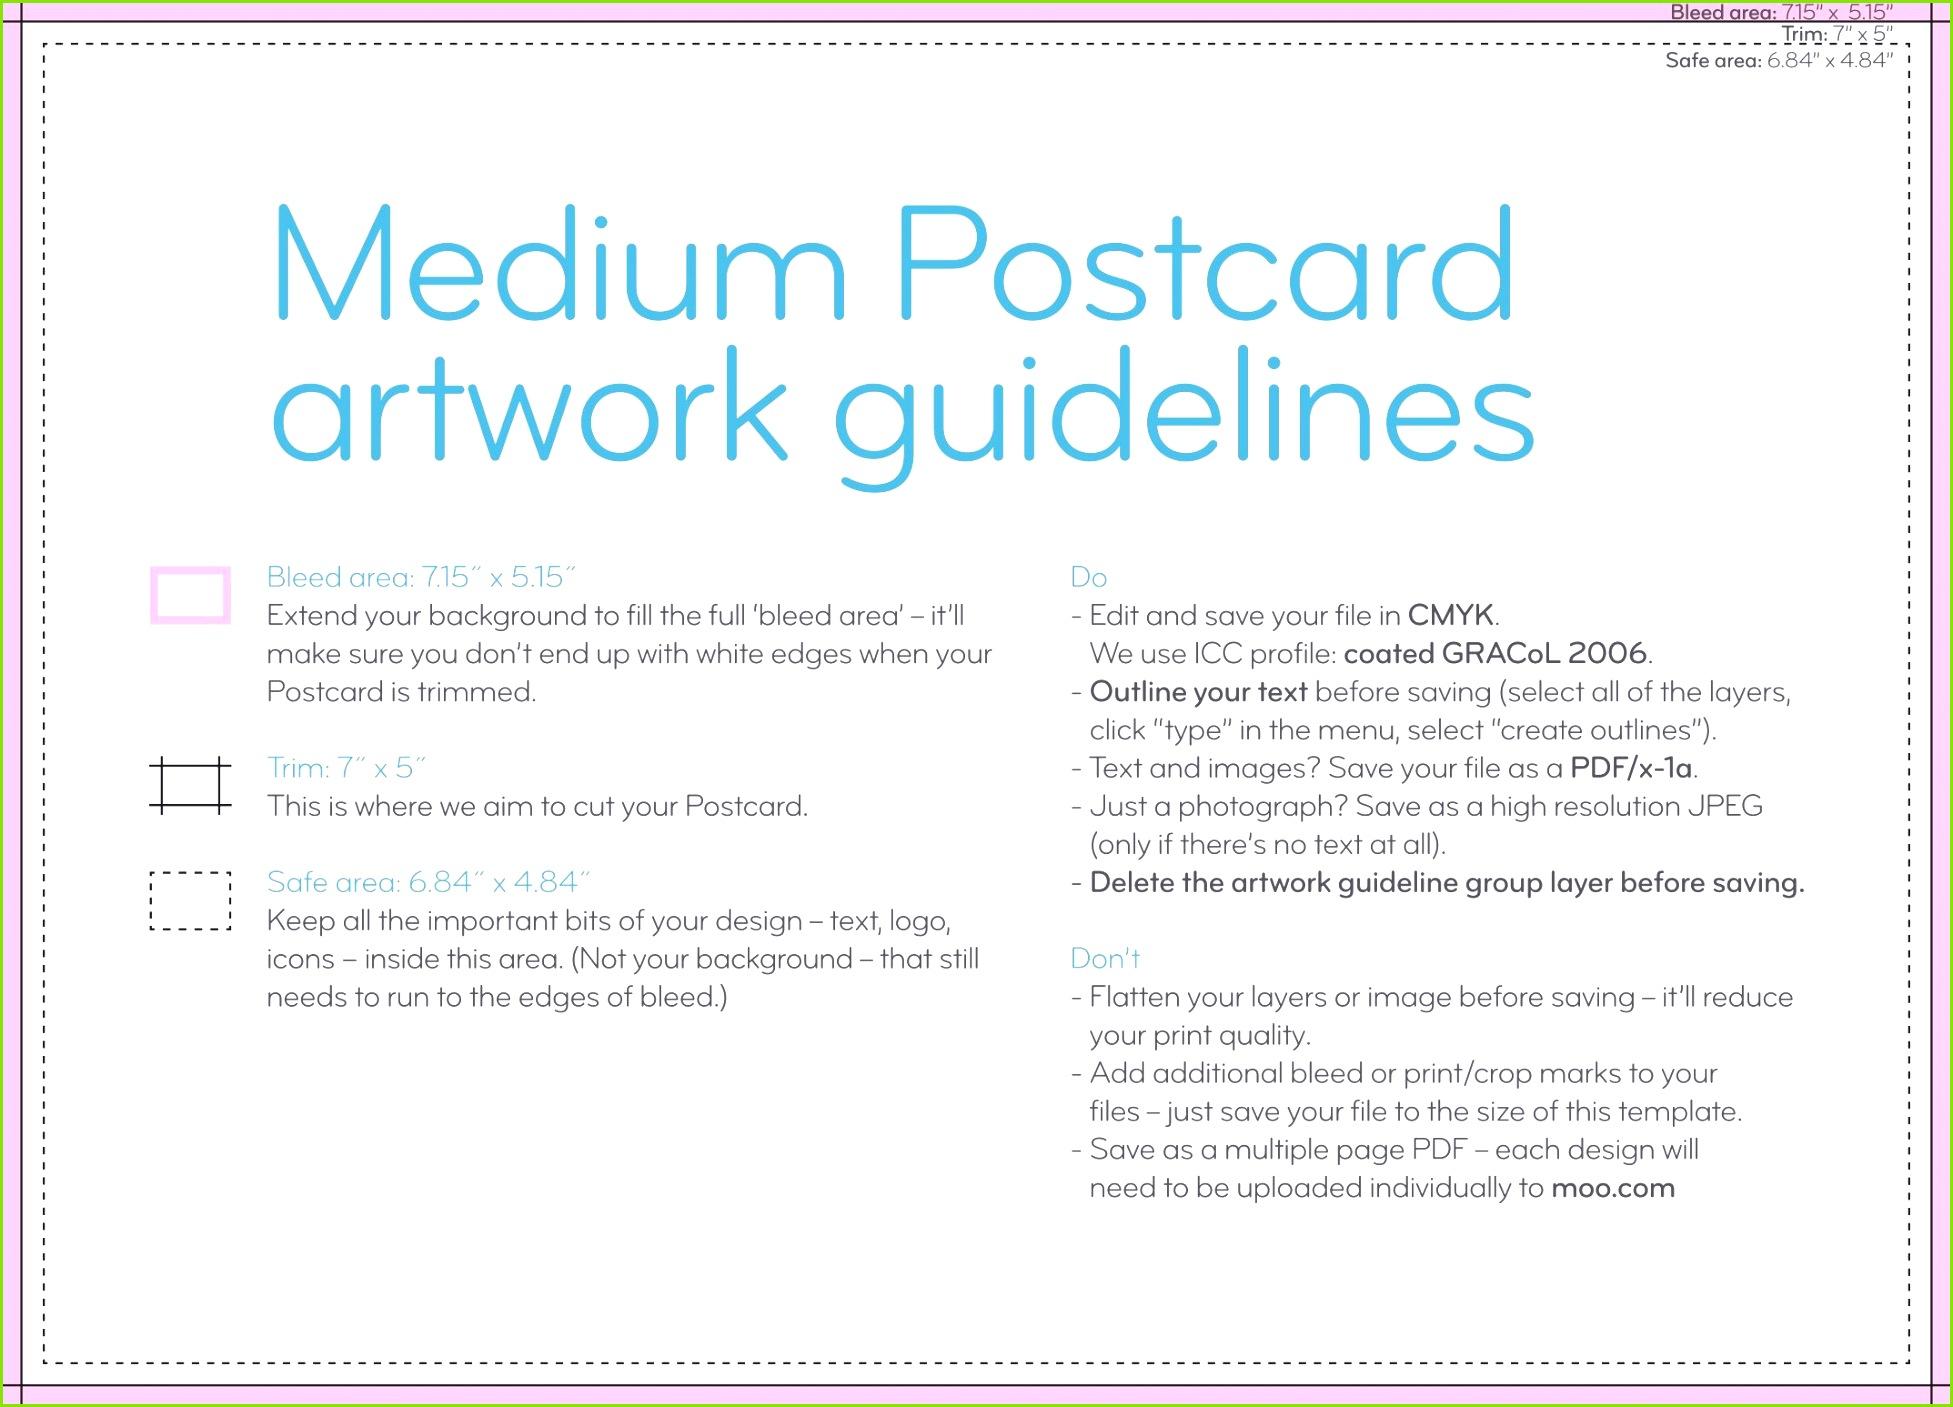 Postkarte Blanko Vorlage Beste Von Fantastisch Postkarte 4x6 Vorlage Galerie Entry Level Resume